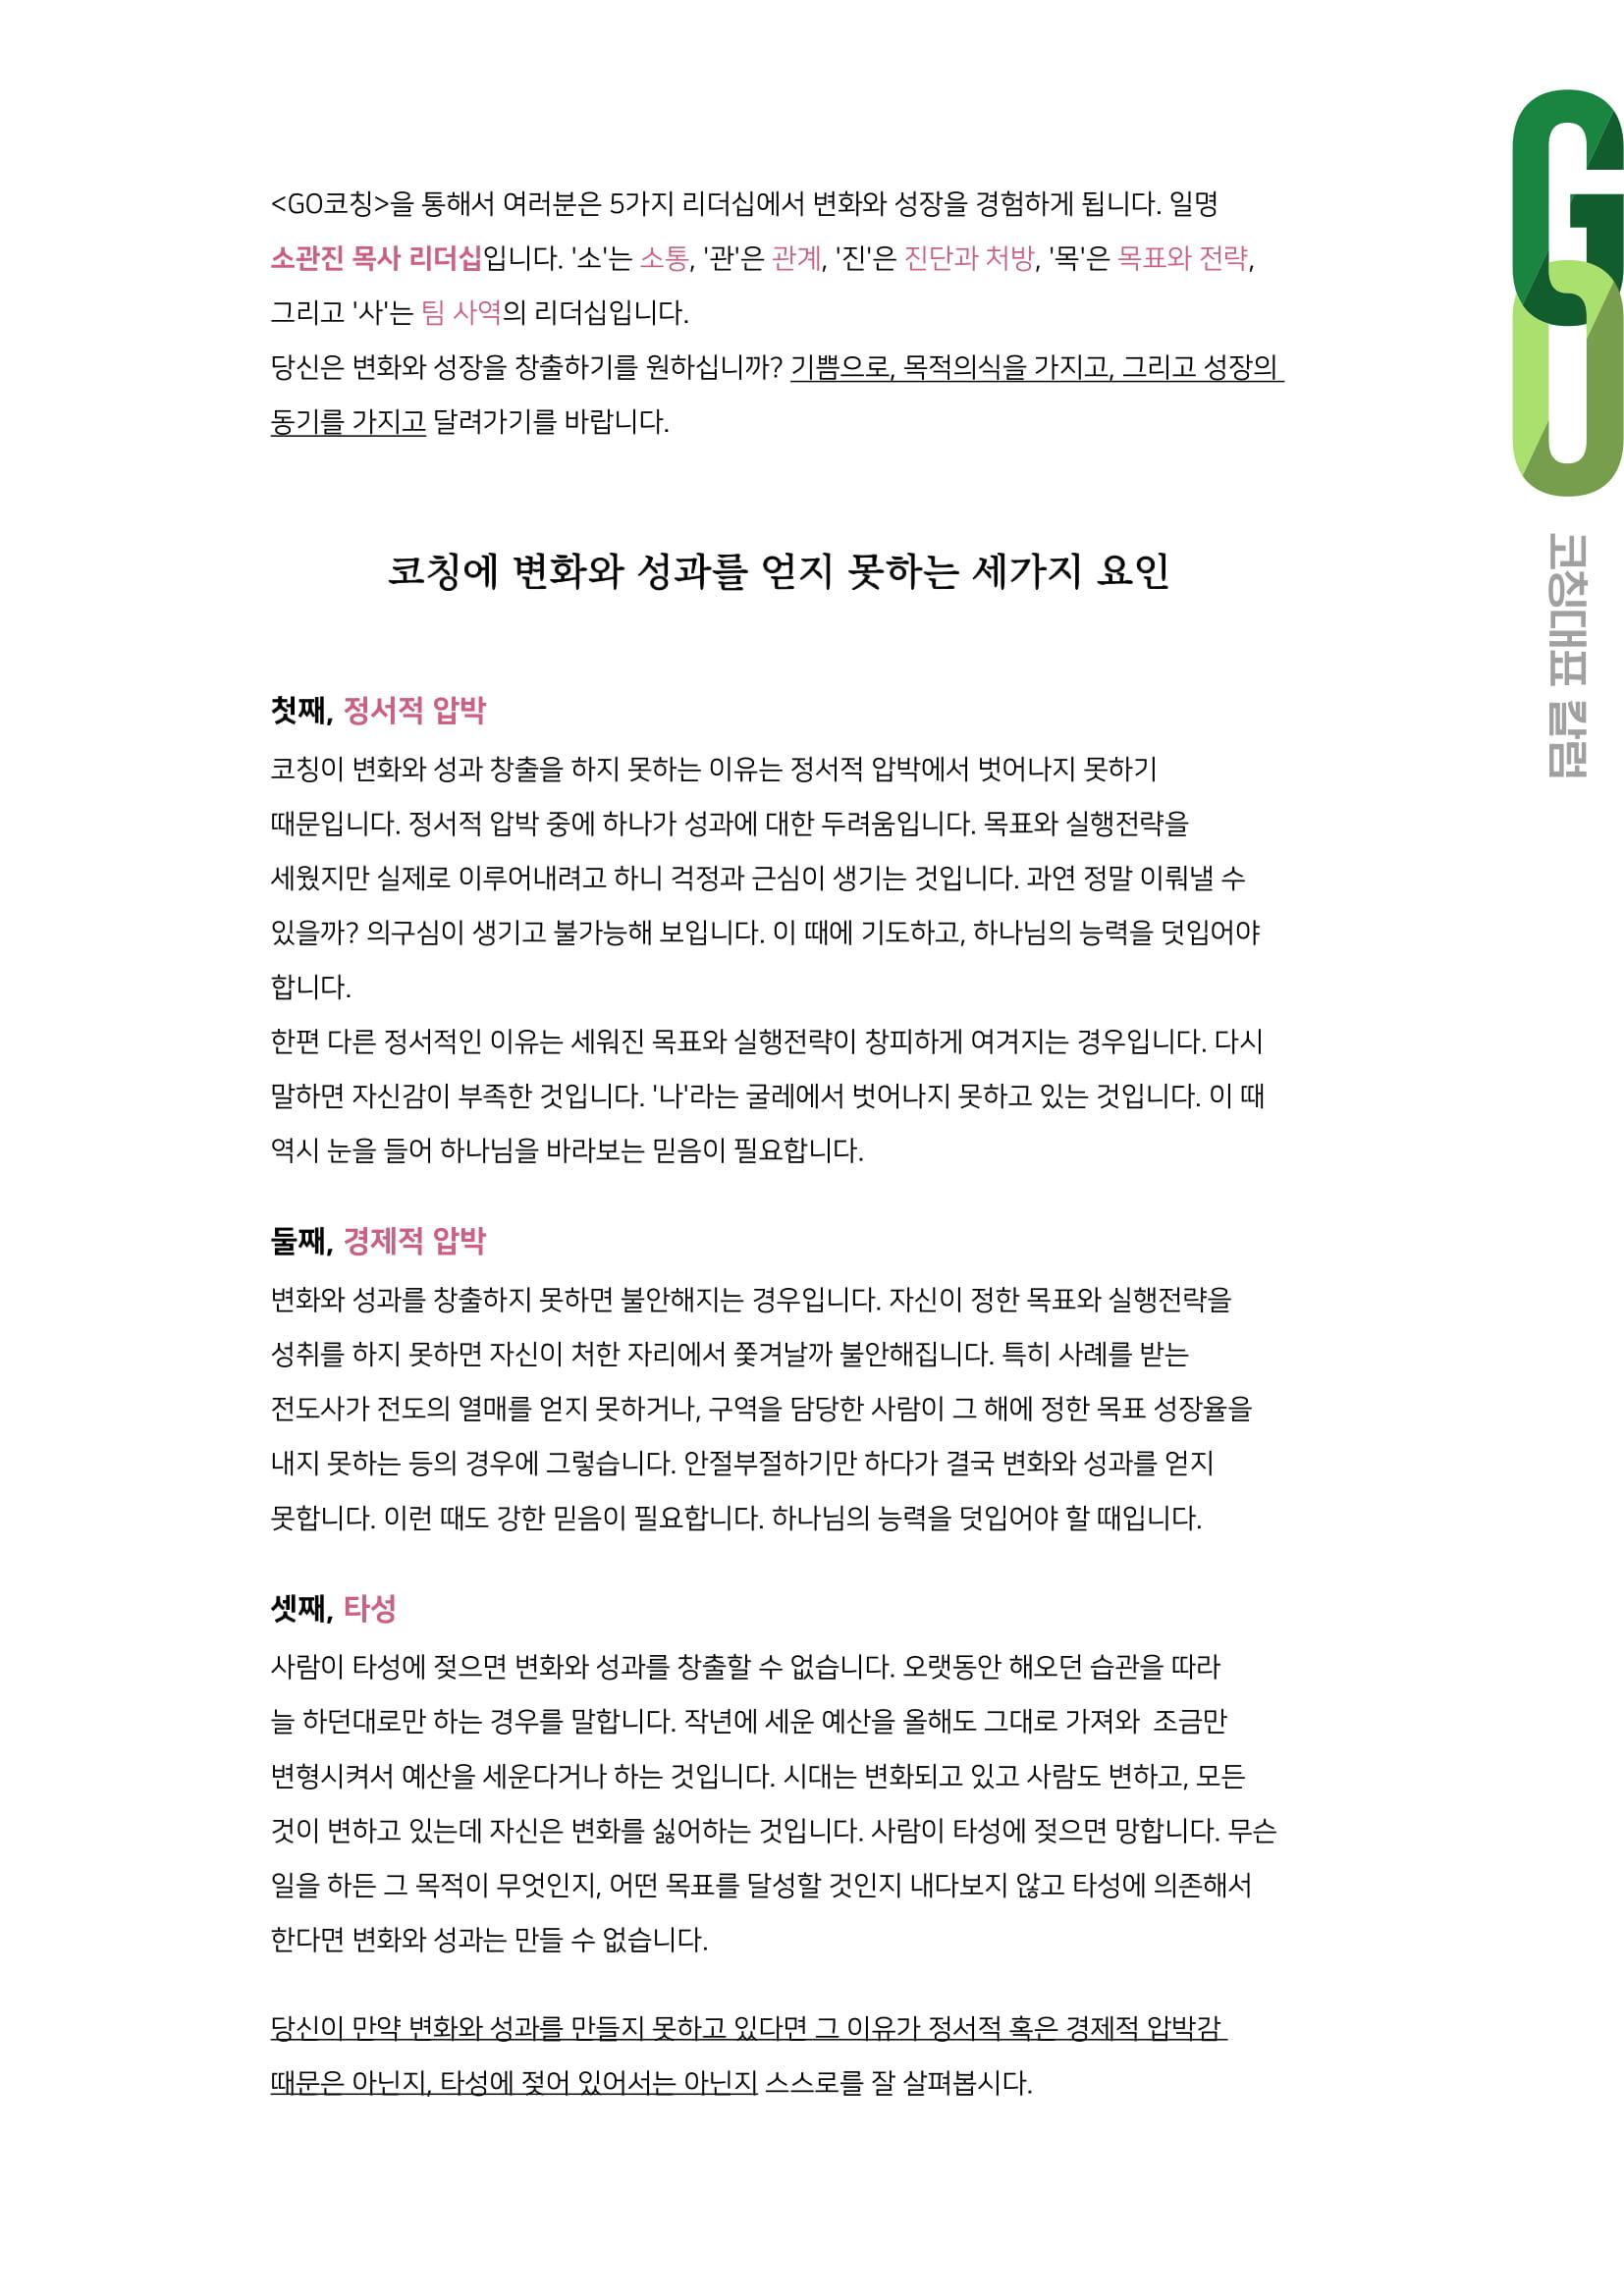 13. 코칭의 변화와 성과 창출-2.jpg